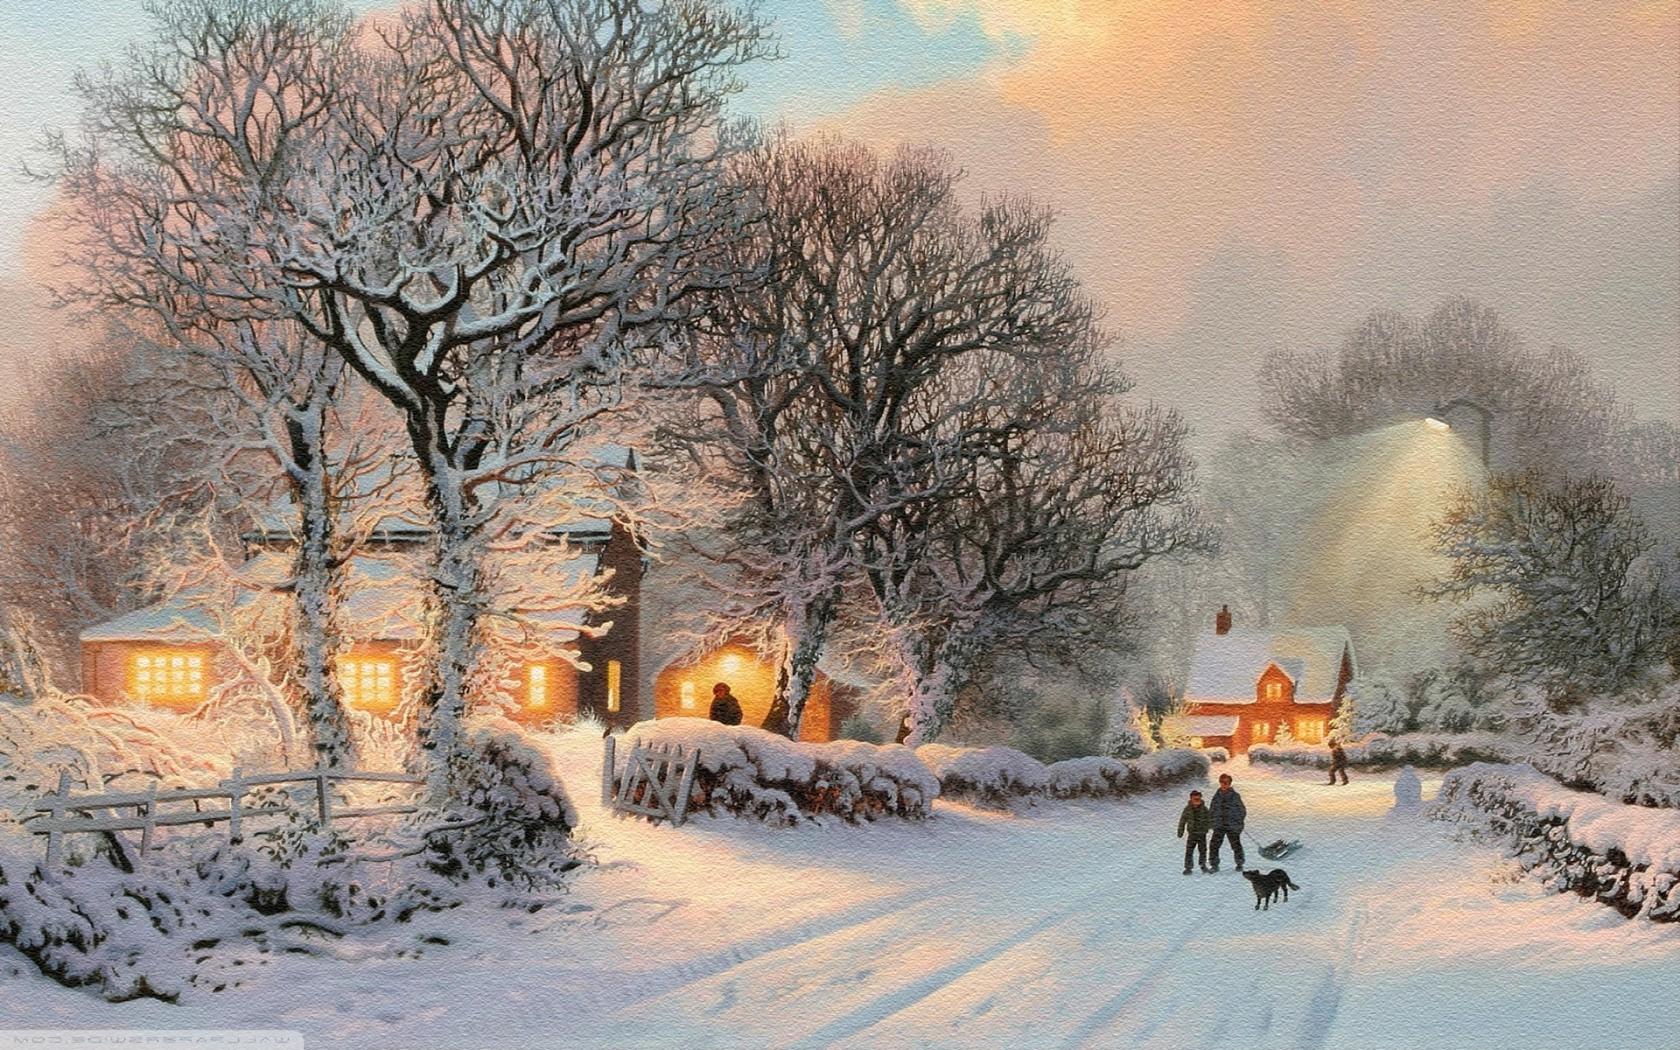 Masaüstü Boyama Kar Sabah Don Ağaç Hava Sezon Kar Fırtınası